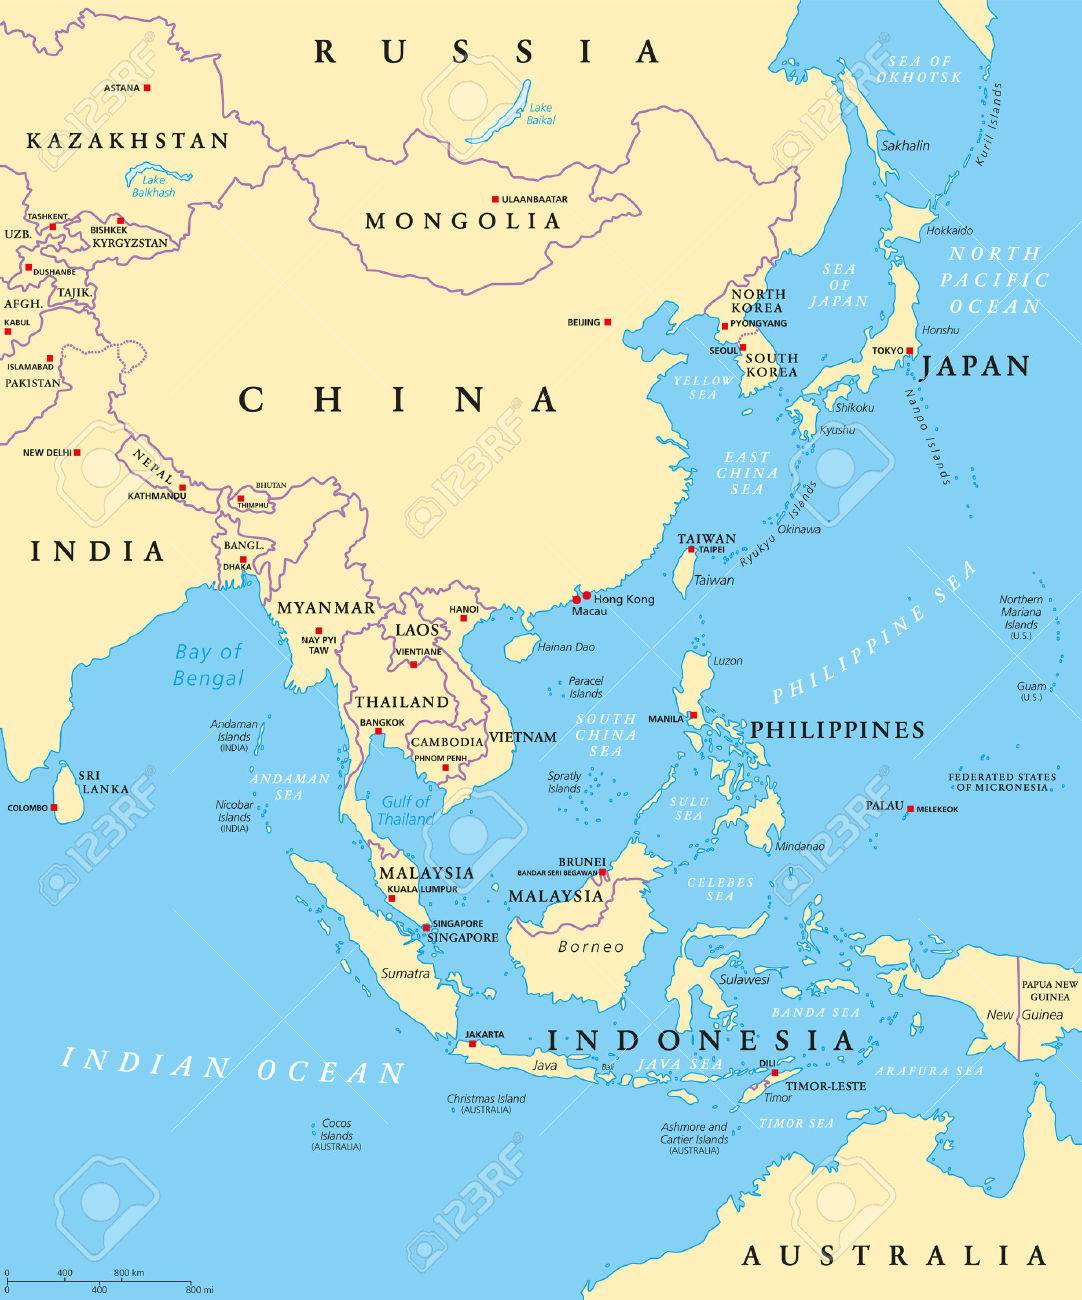 Carte Asie Est.Asie De L Est Carte Politique Avec Les Capitales Et Les Frontieres Nationales Sous Region Orientale Du Continent Asiatique Chine La Mongolie